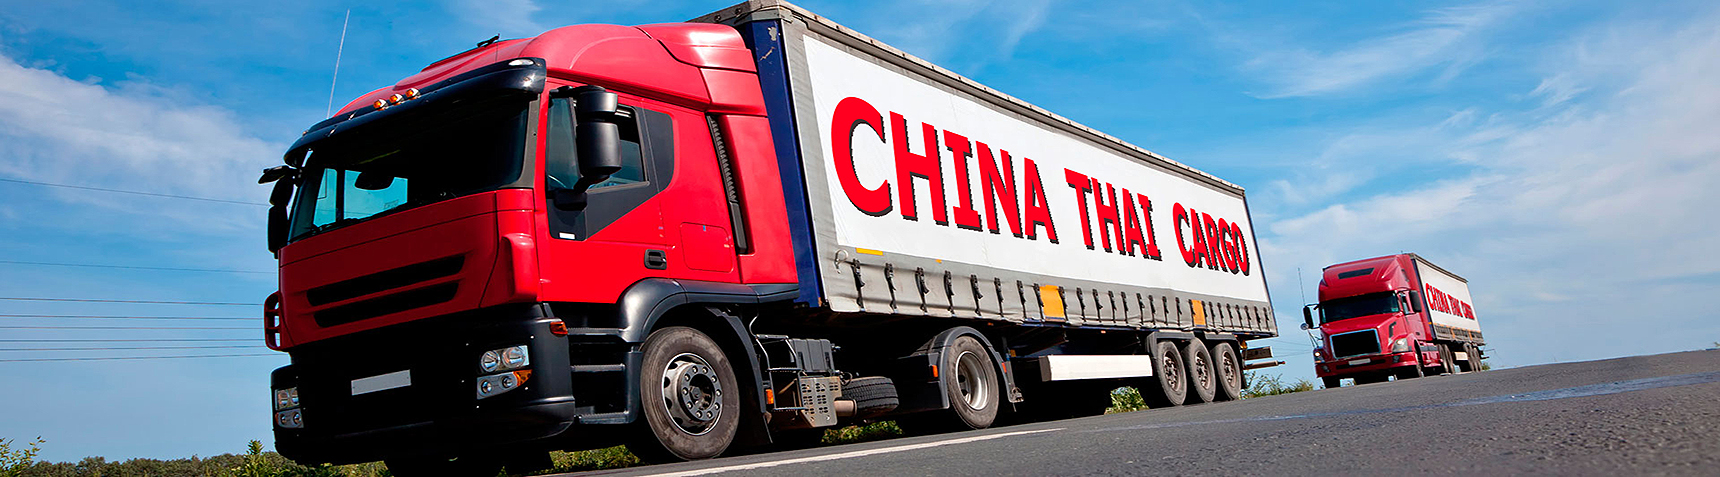 นำเข้าสินค้าจากจีน บริการขนส่งจีน-ไทย